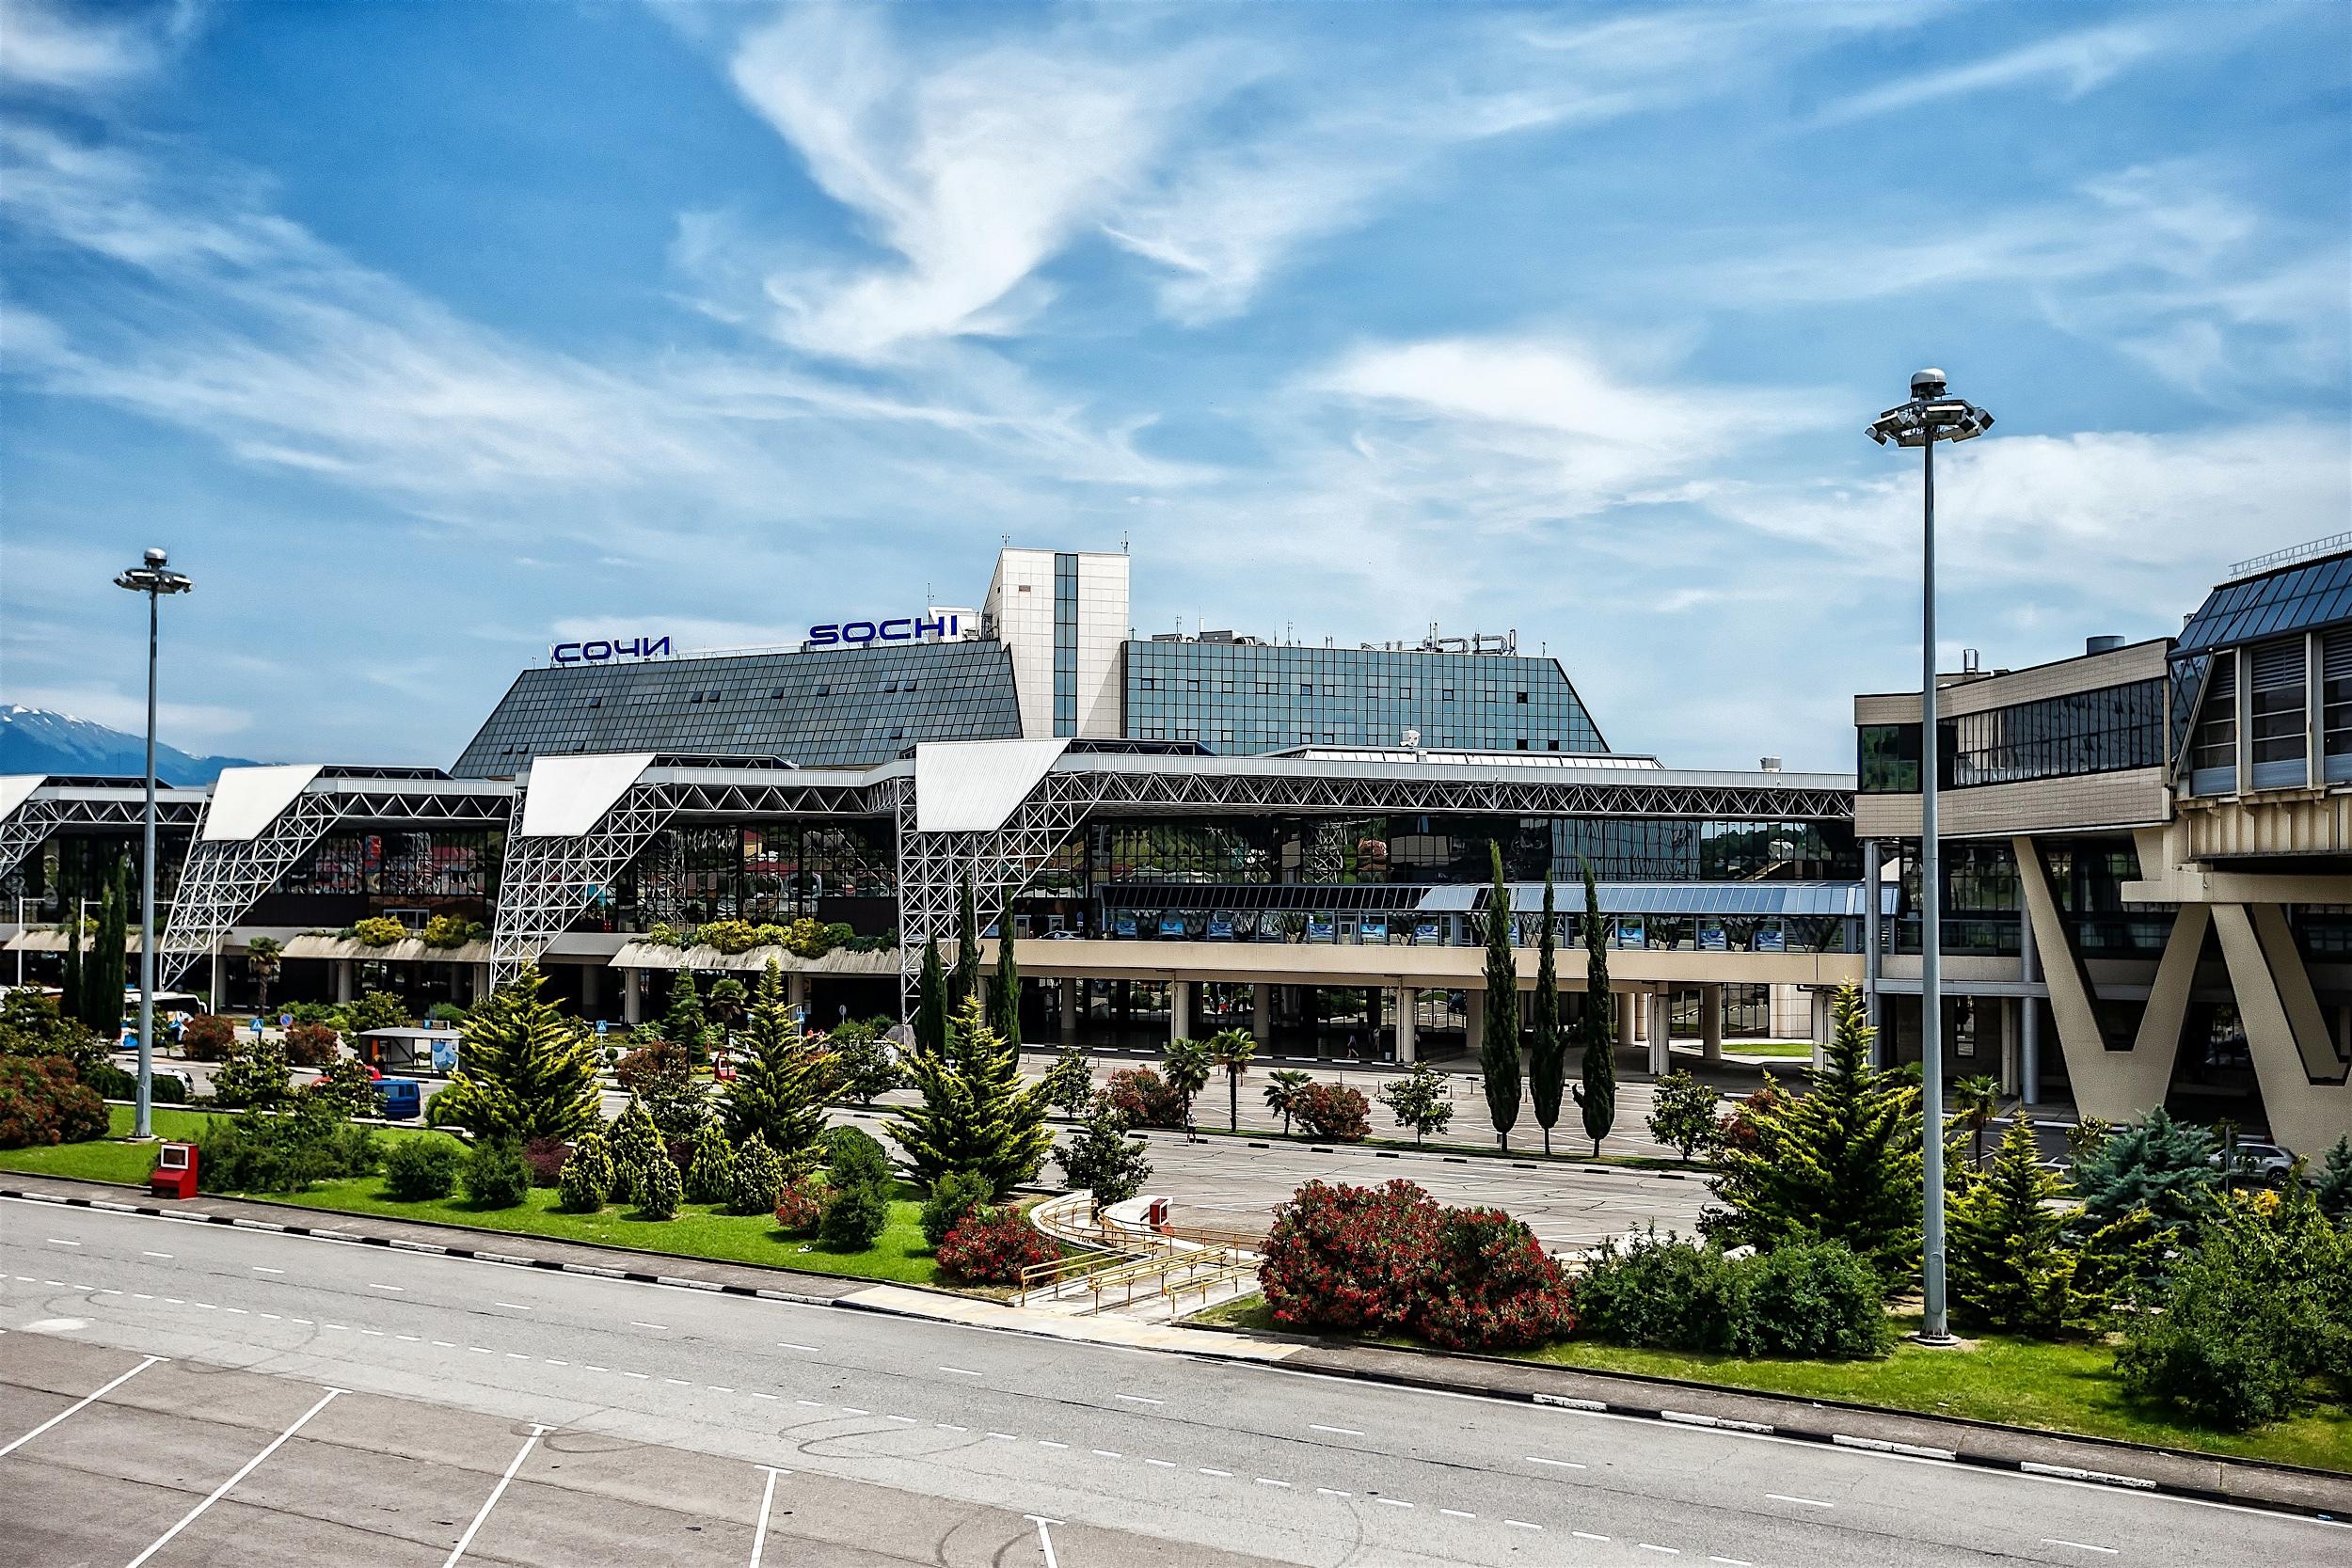 ВСочи откроется международный оперный фестиваль имени Галины Вишневской